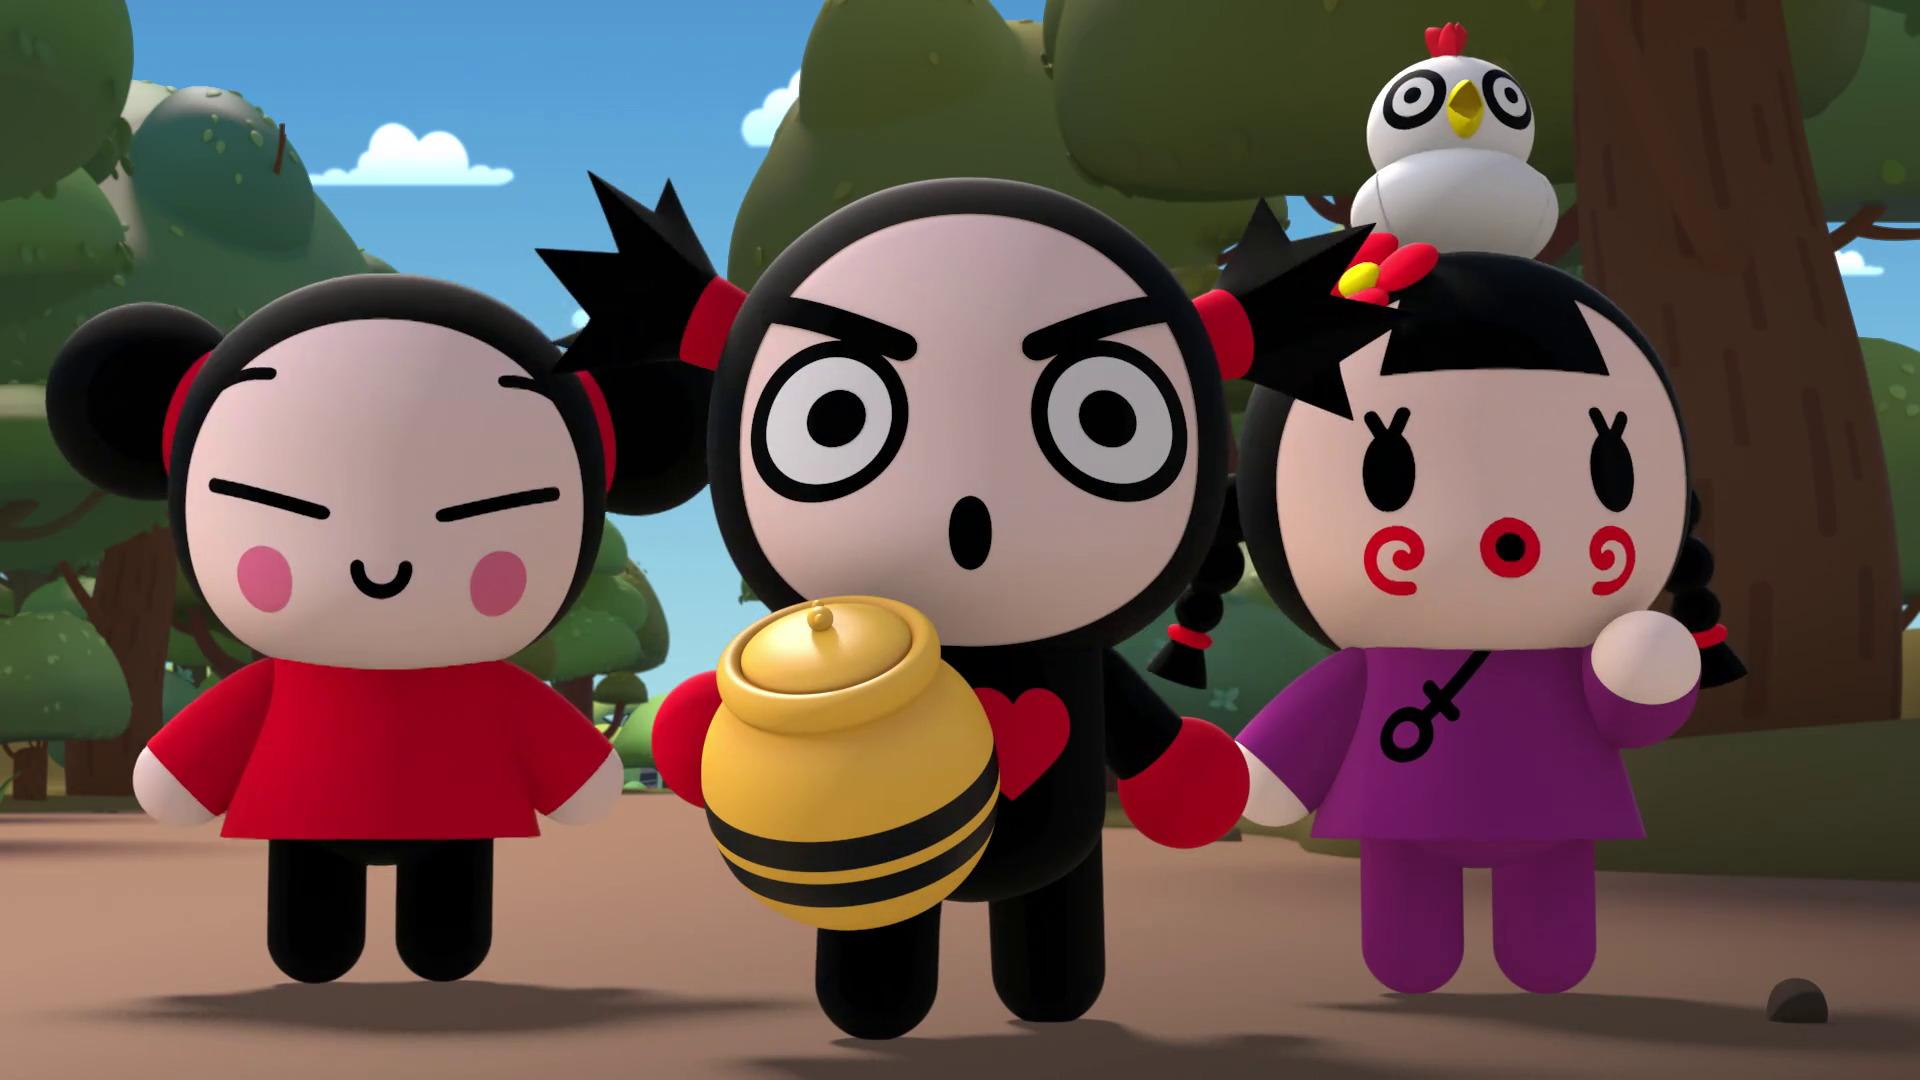 Temporada 3: Receta de amor T3 - C14: Búsqueda de miel para los dumplings